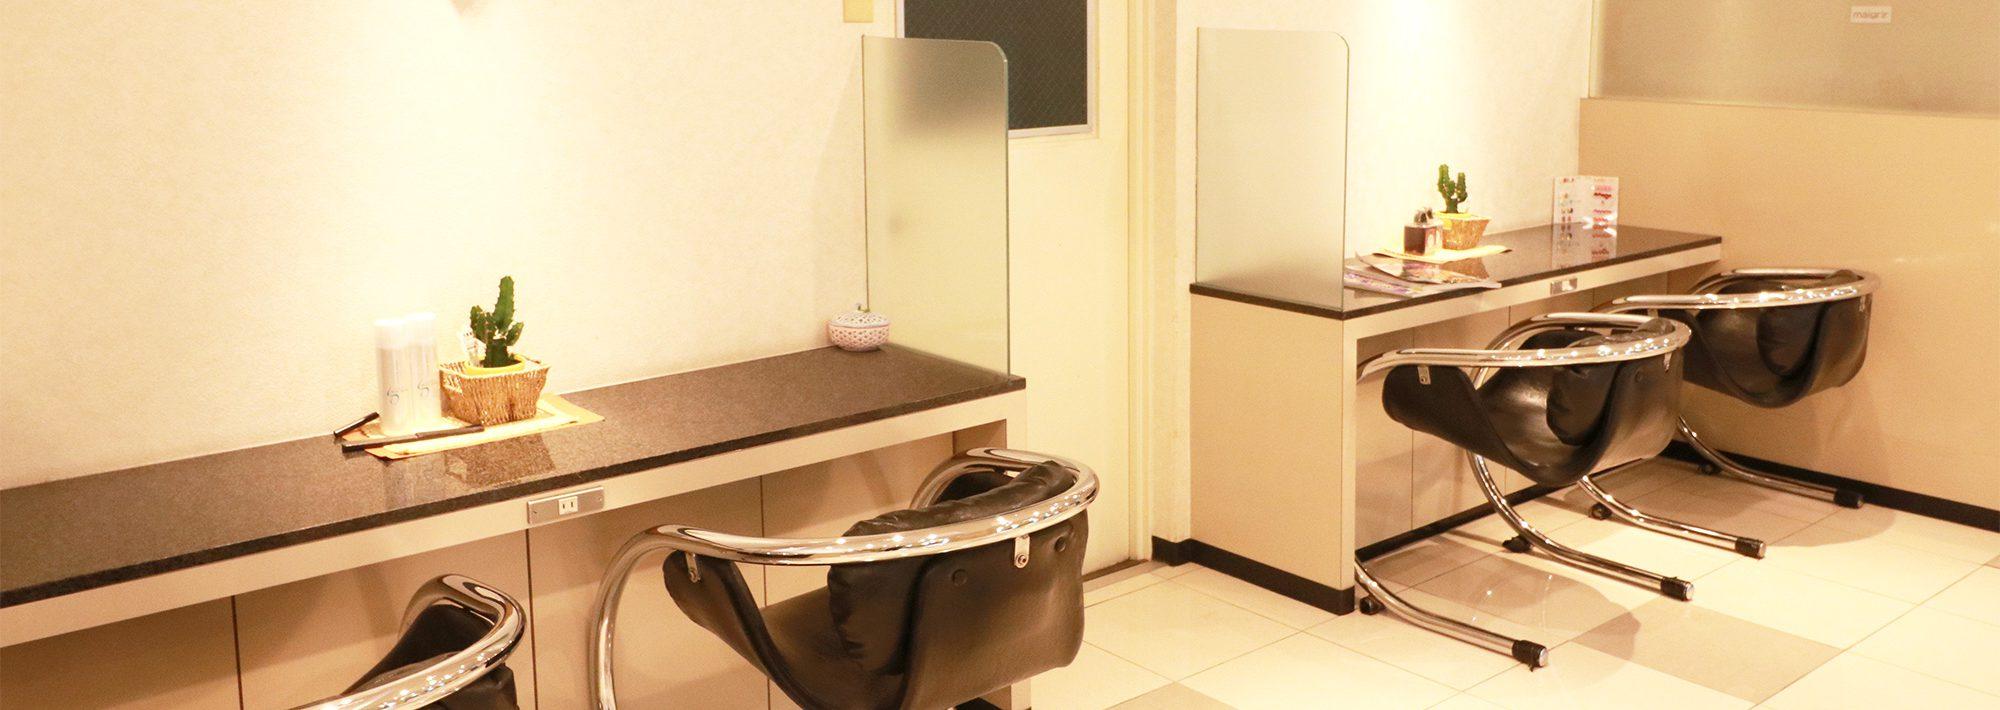 江戸川区平井の美容室メグリール